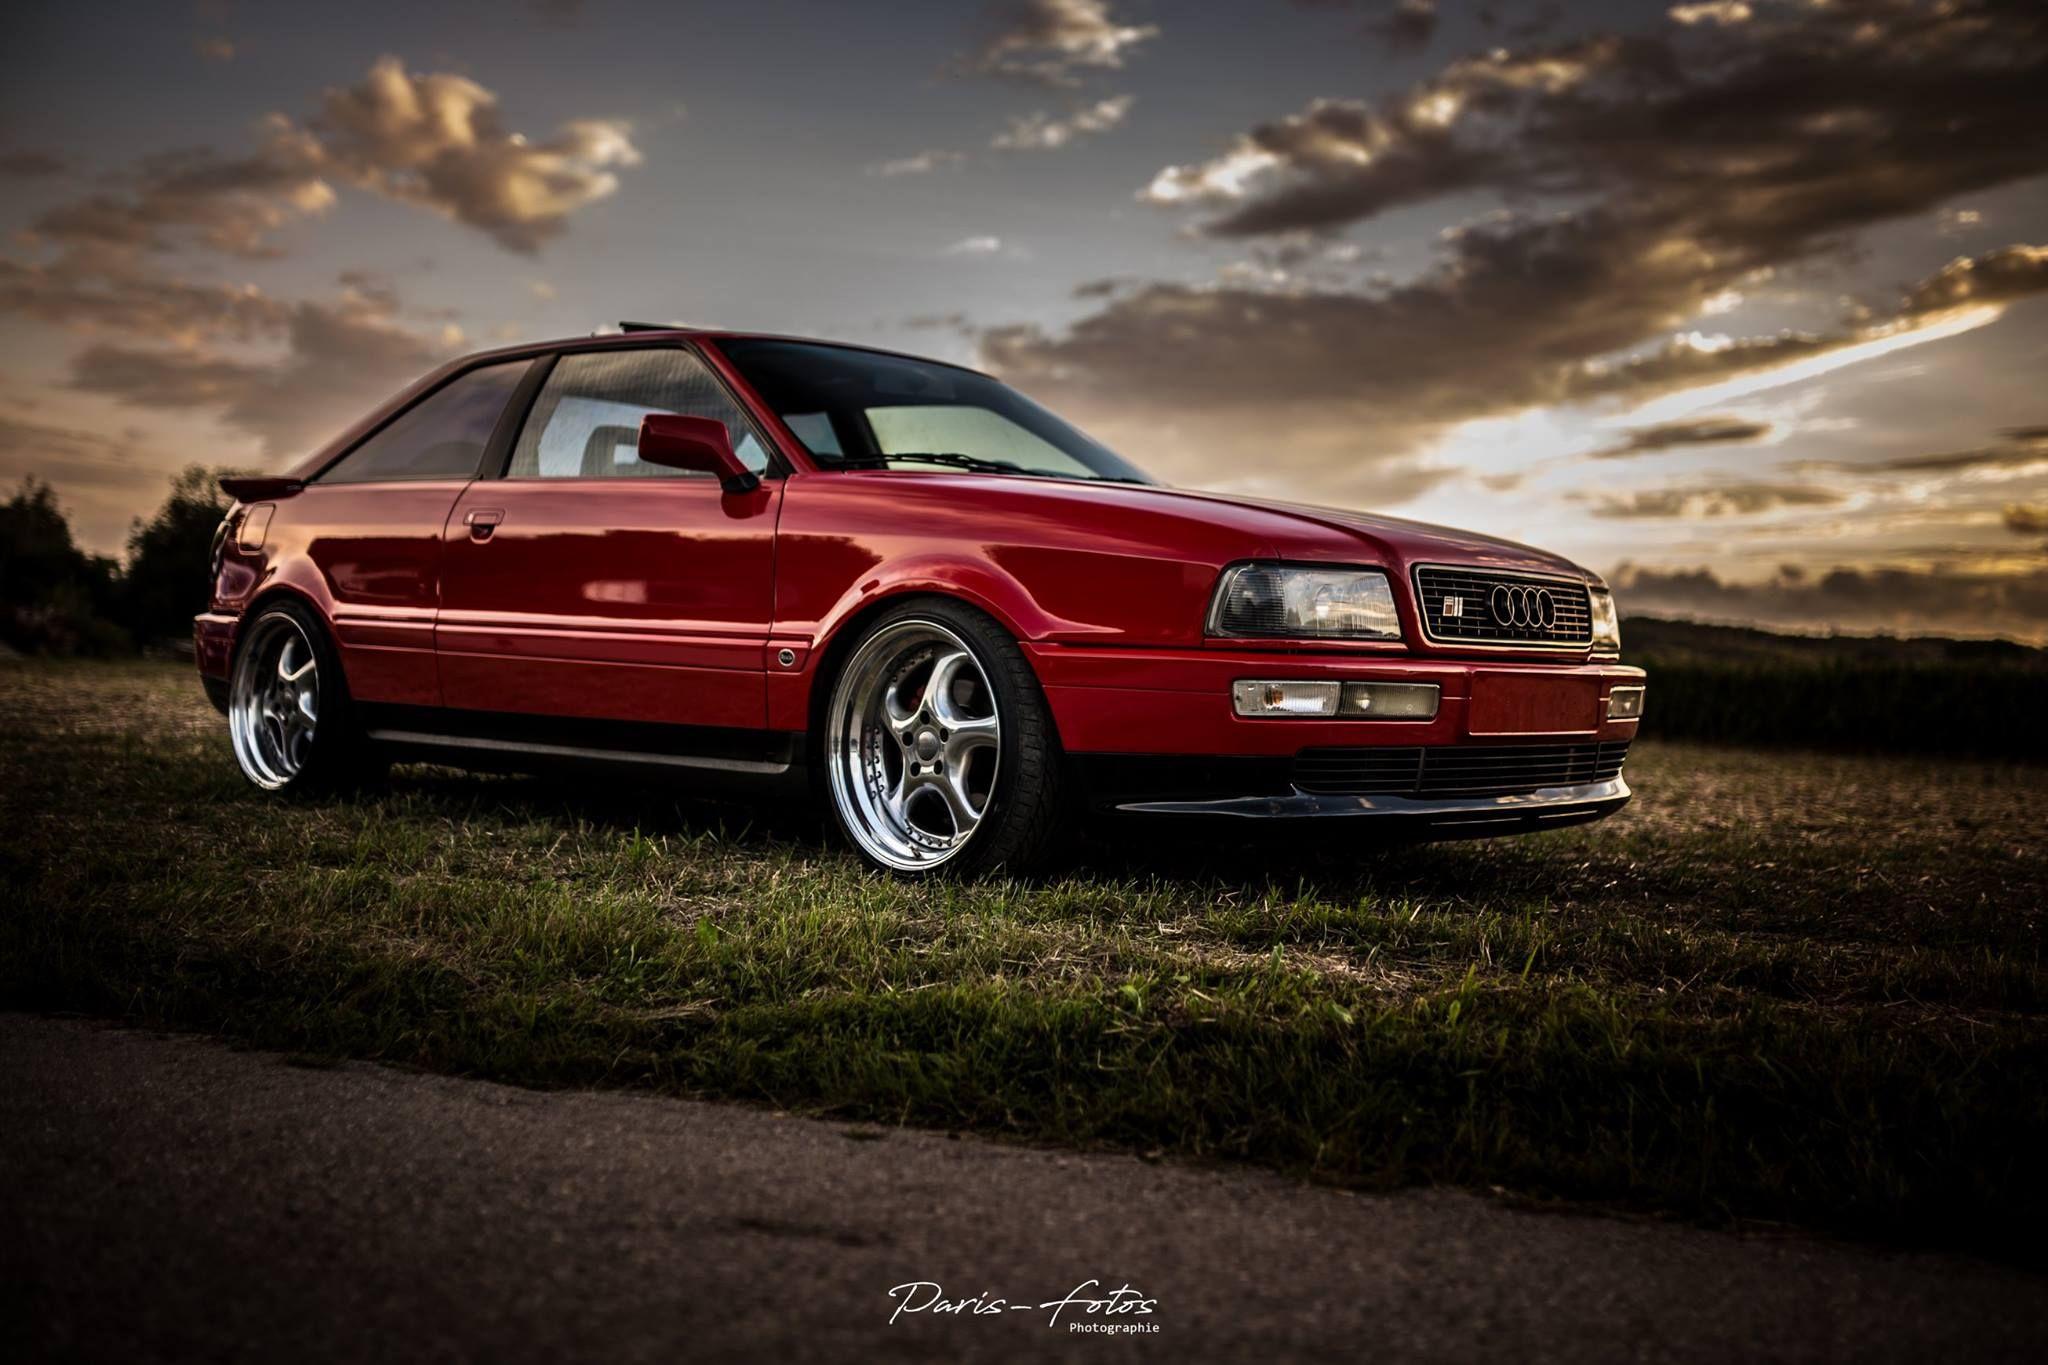 Foto Van Paris Fotos Audi Coupe